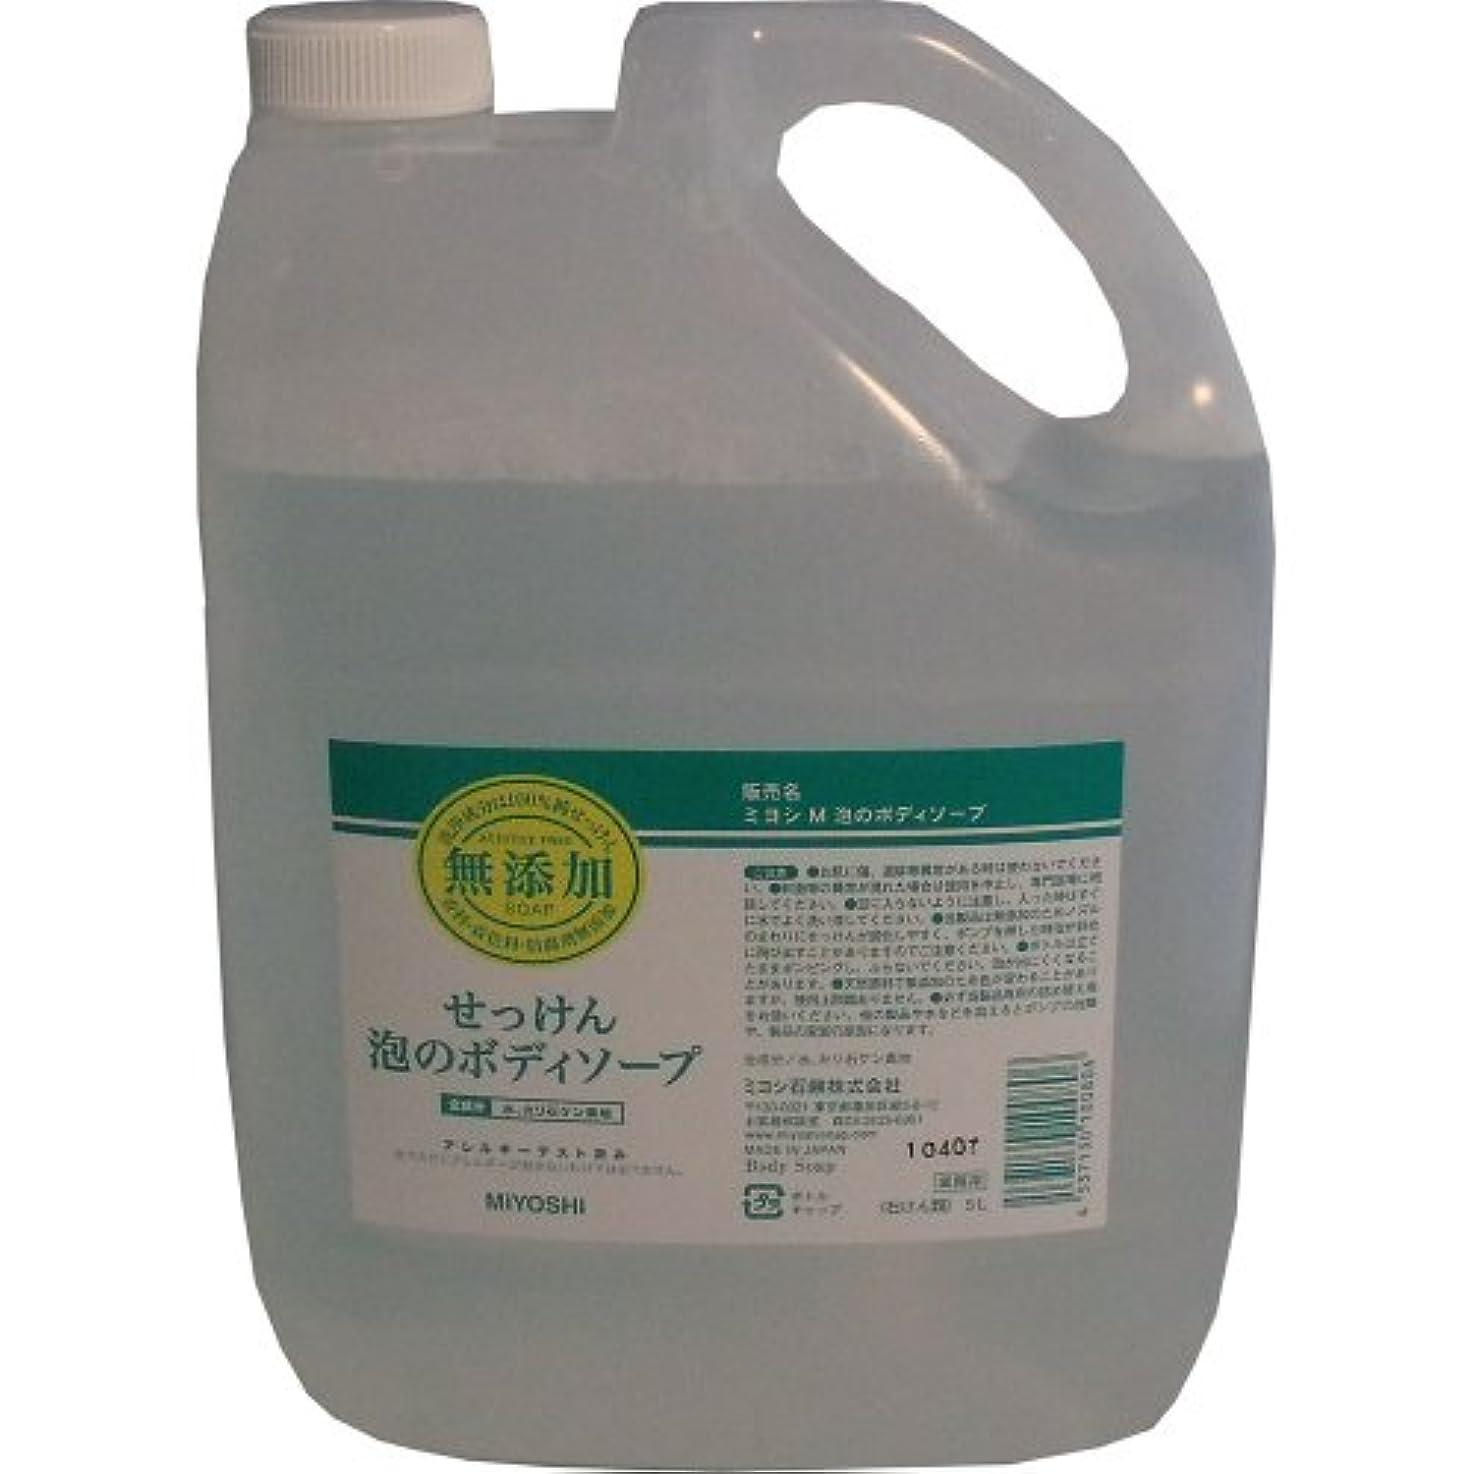 ポテトアクチュエータスケッチミヨシ石鹸 業務用 無添加せっけん 泡のボディソープ 詰め替え用 5Lサイズ×4点セット